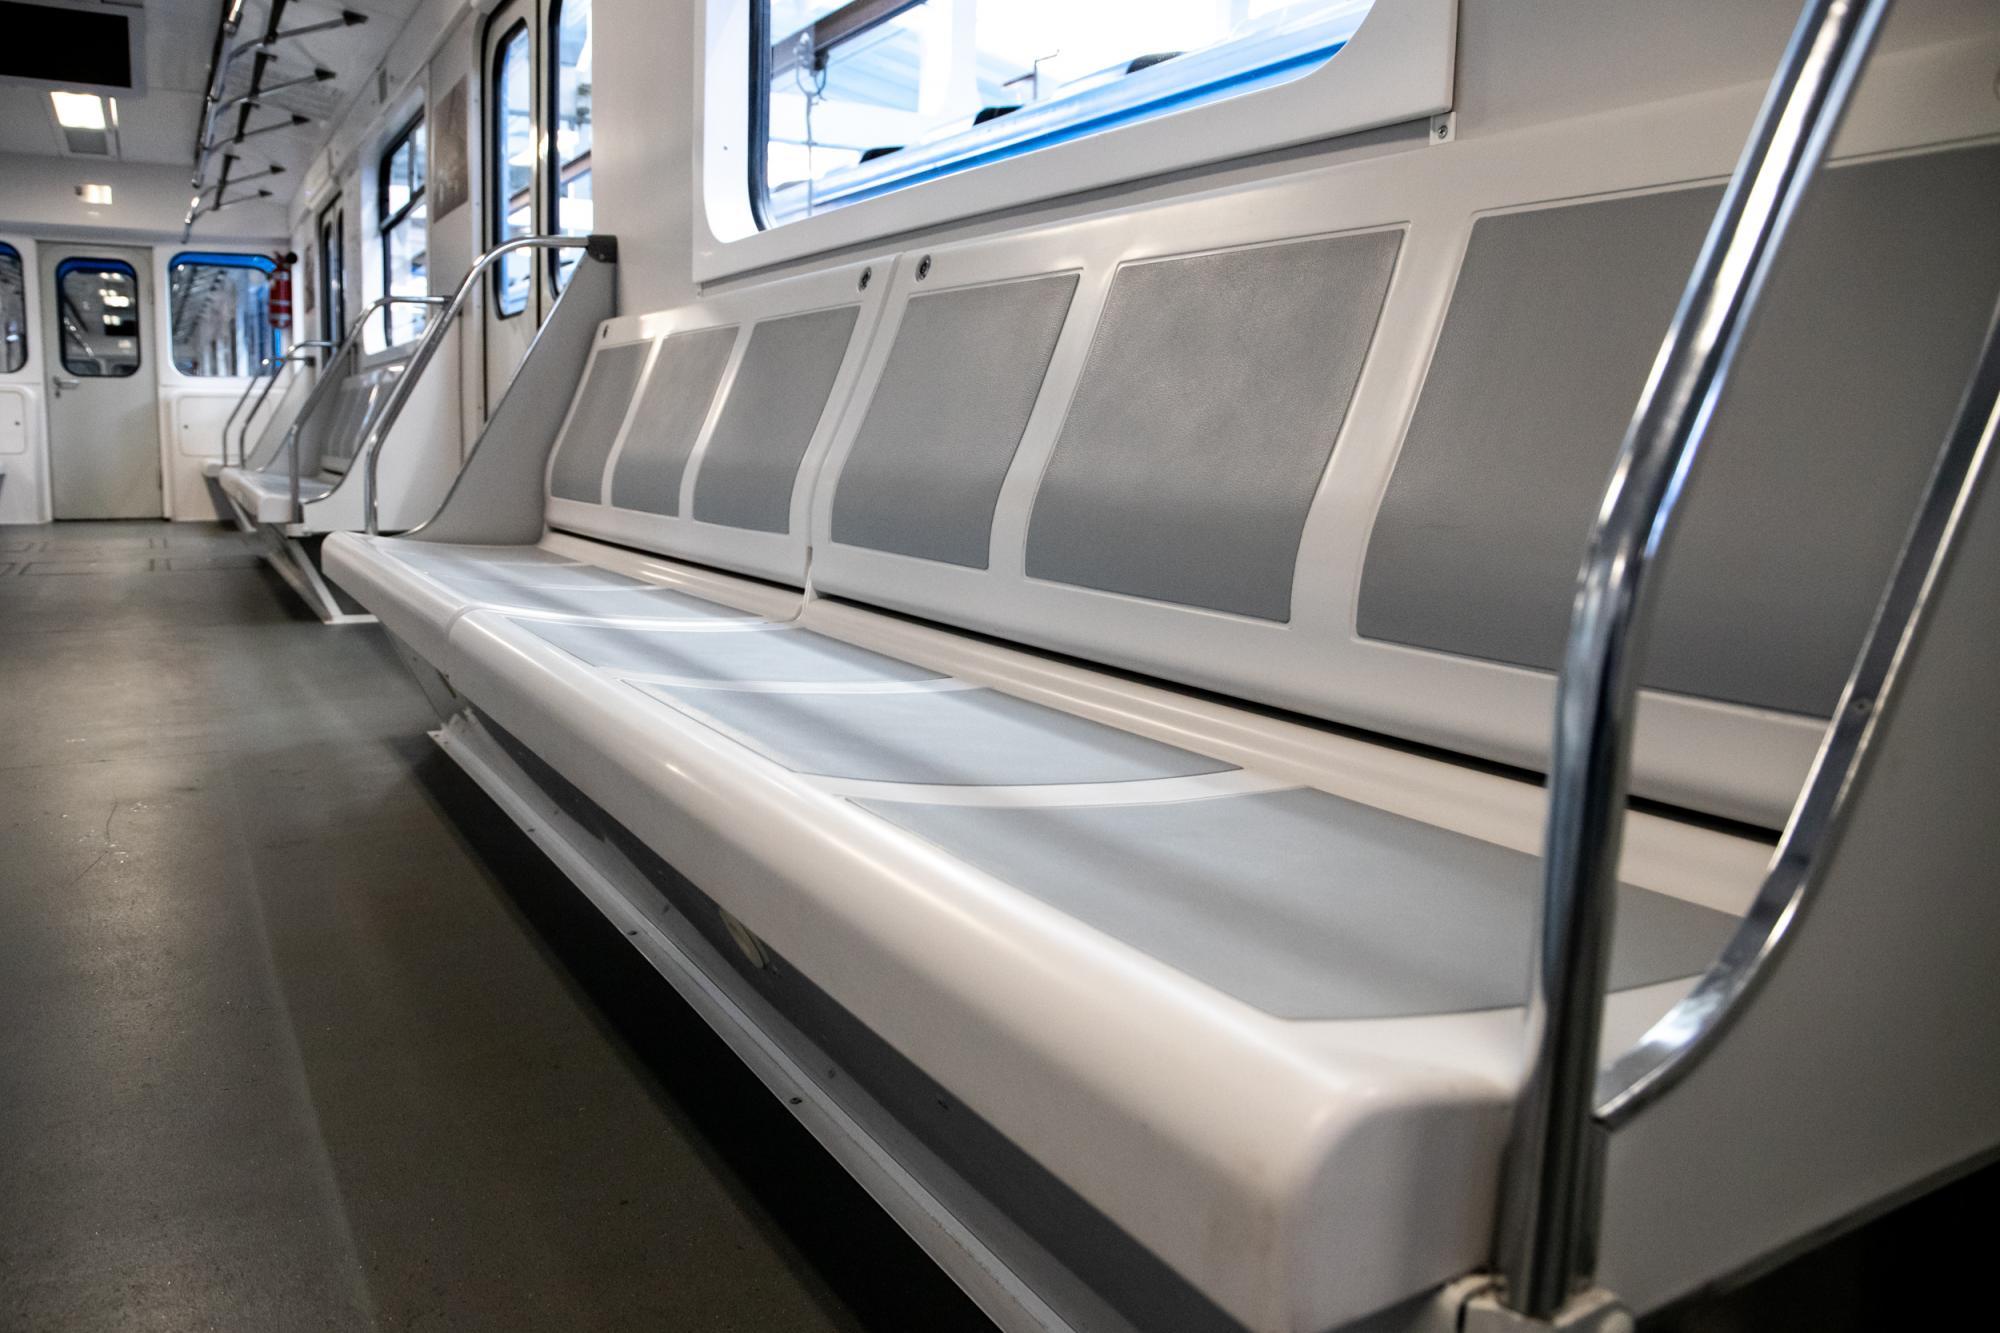 Киевлянам показали новый поезд, который скоро появится в метро